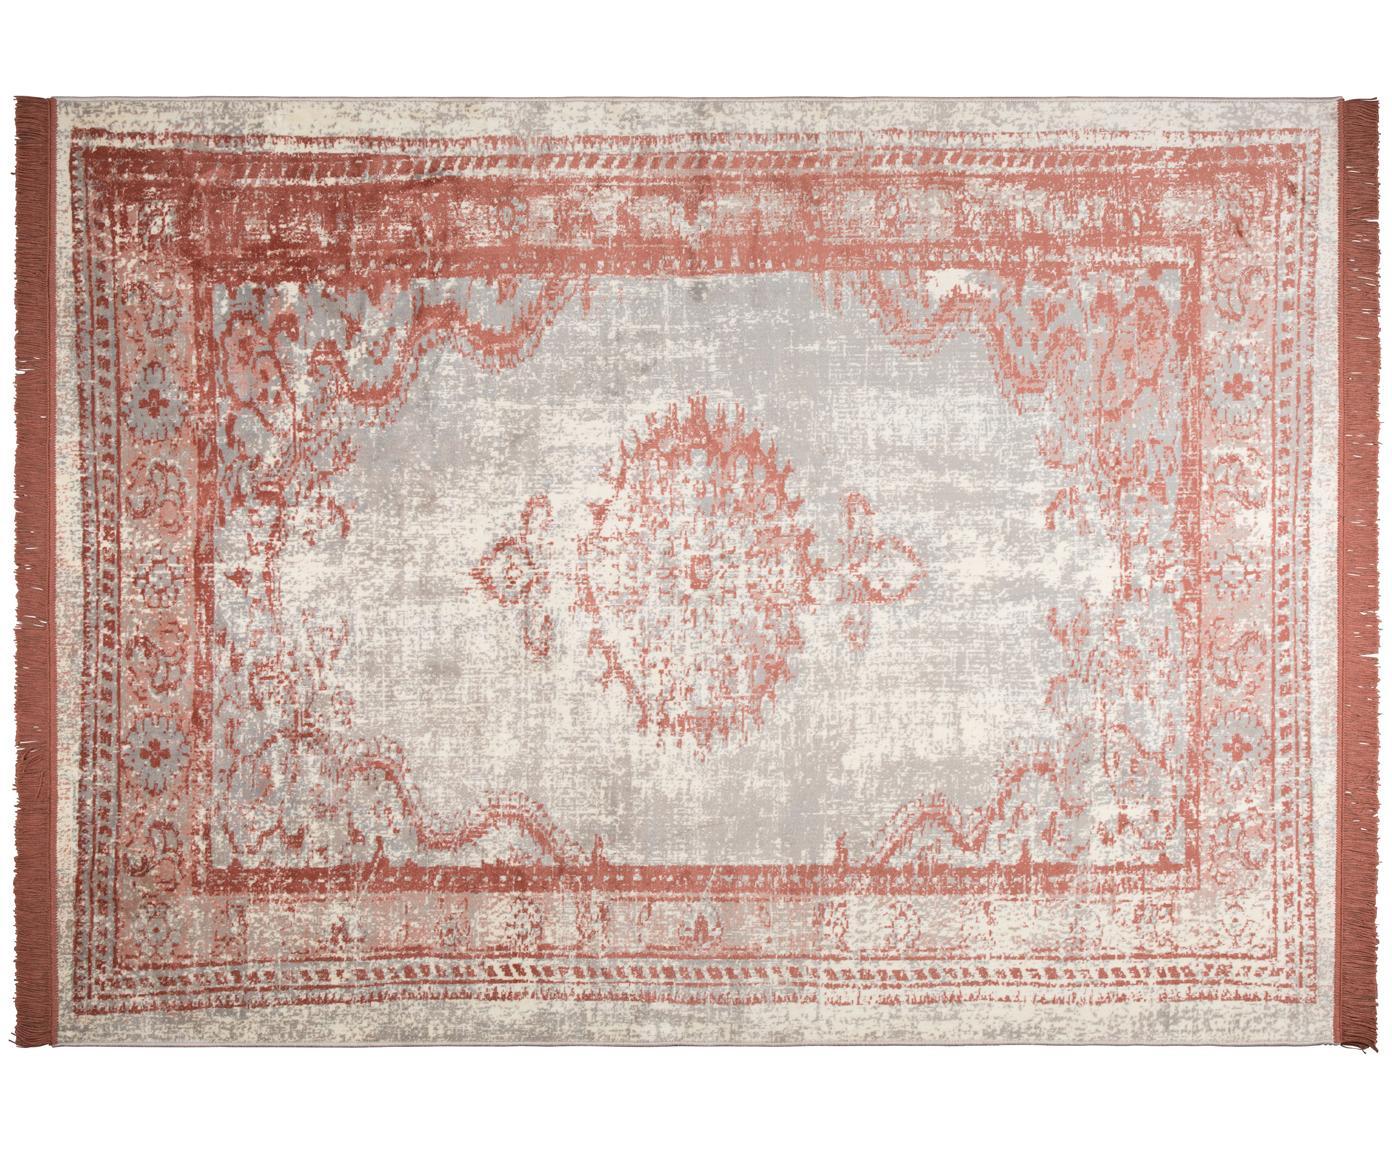 Vintage vloerkleed Marvel met franjes, Bovenzijde: 66% kunstzijde, 25% katoe, Onderzijde: met latex bekleed polyest, Zalmkleurig en beigetinten, 200 x 300 cm